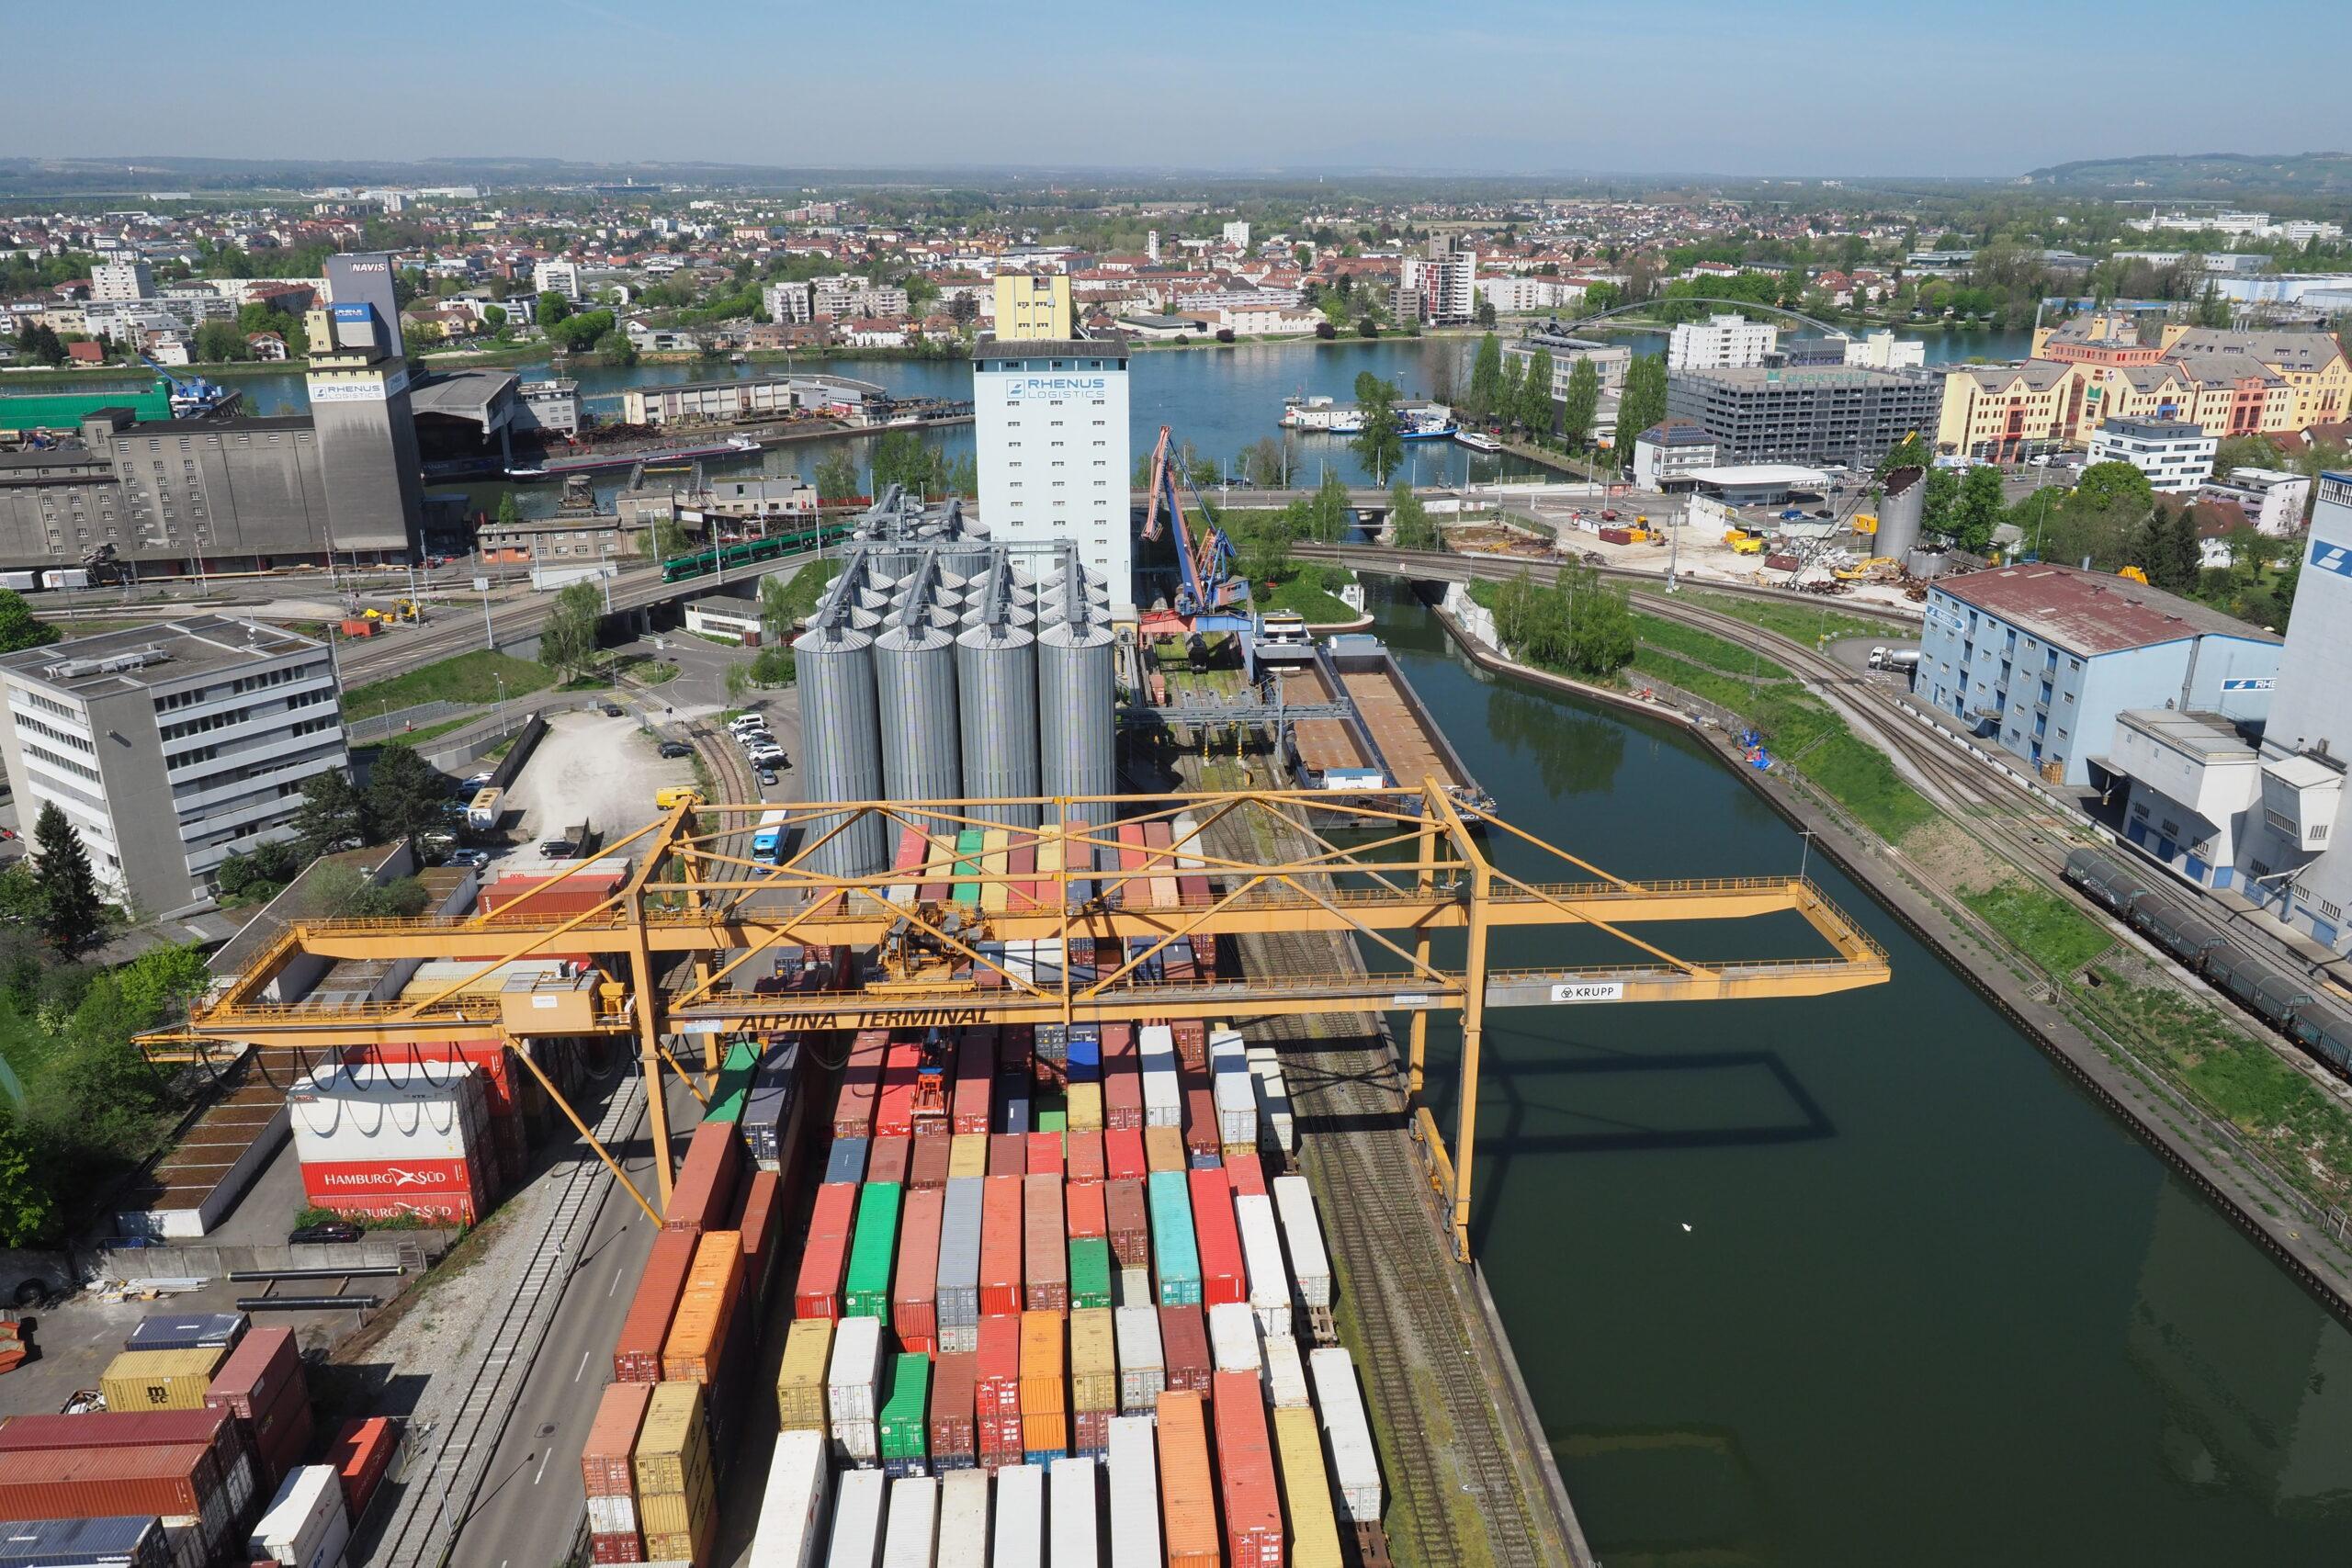 Kredit zum Bau des Hafenbeckens 3 – wegweisender Entscheid des Grossen Rats